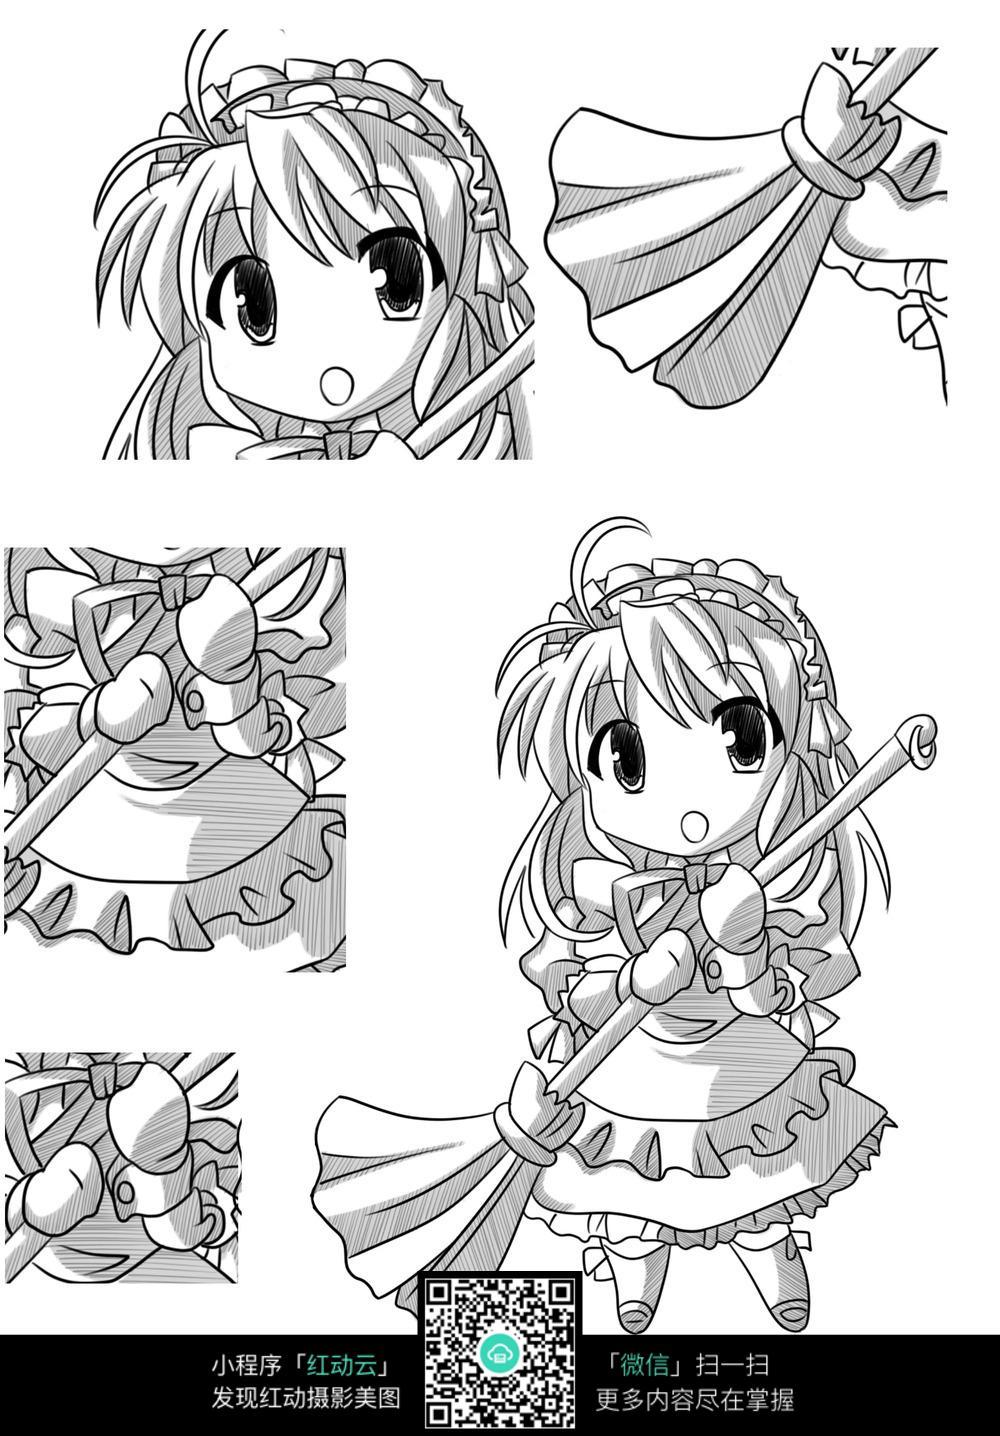 扫地的女孩卡通手绘线稿